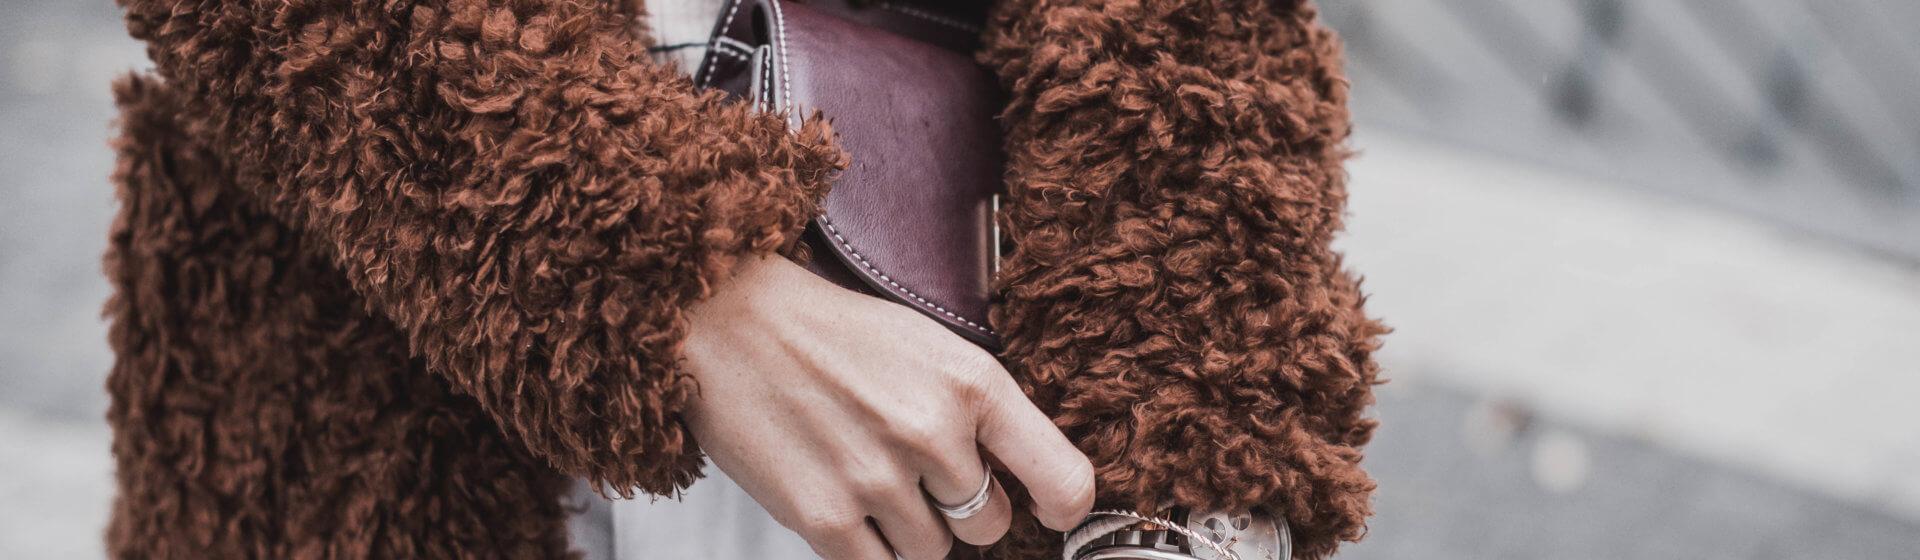 Teddy Fell und Fake Fur - so kuschlig sind die neuen Jackentrends Shoelove Deichmann